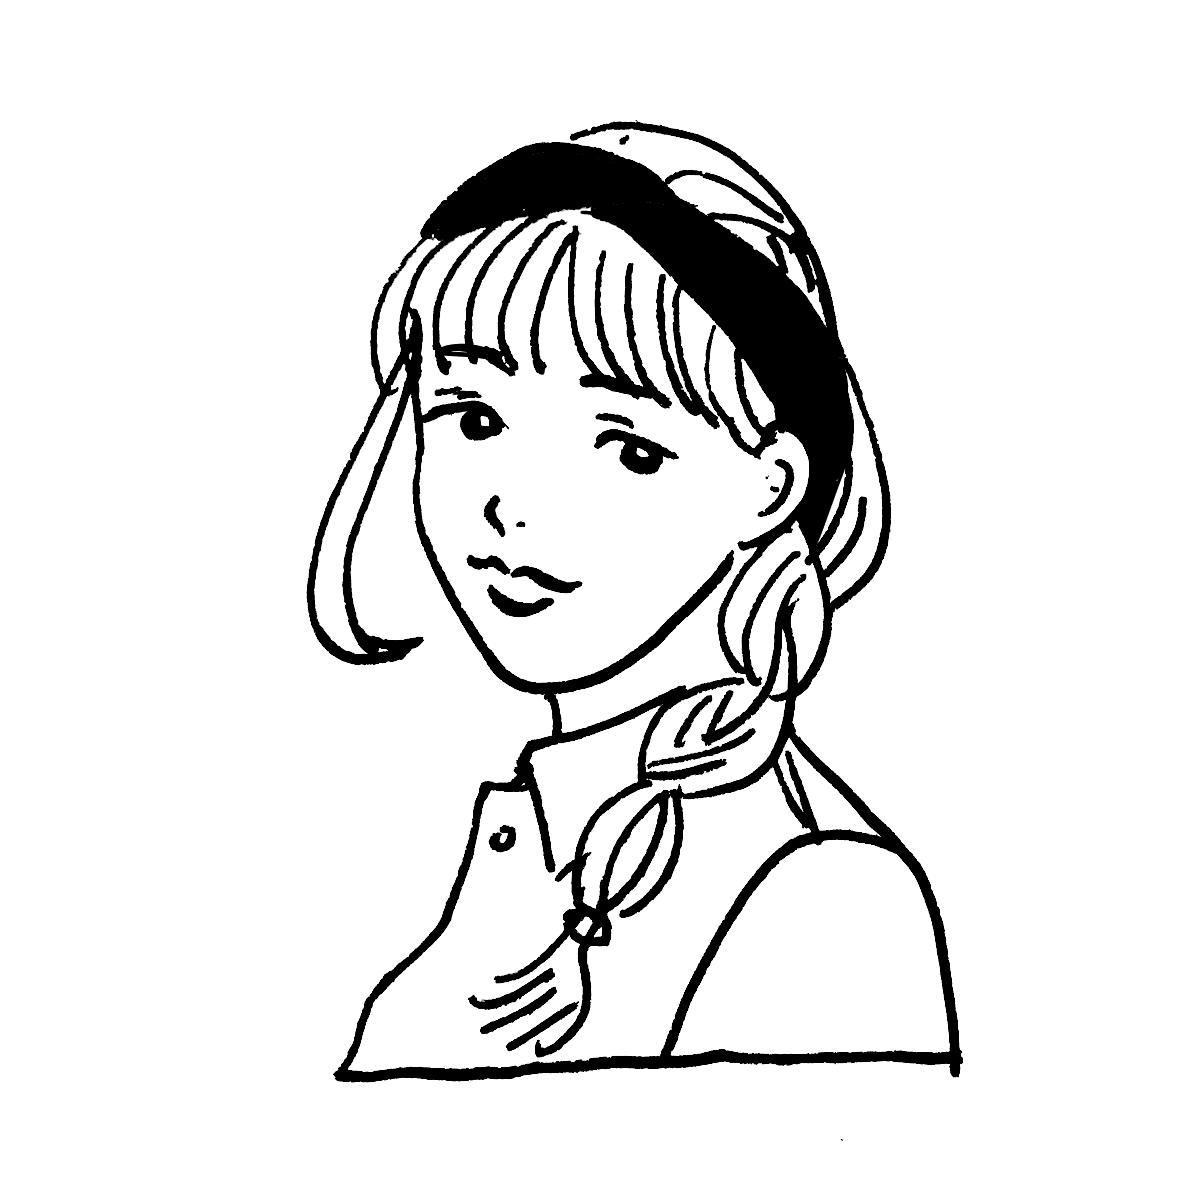 似顔絵描きます 似顔絵を描きます!SNSのアイコンなどに!